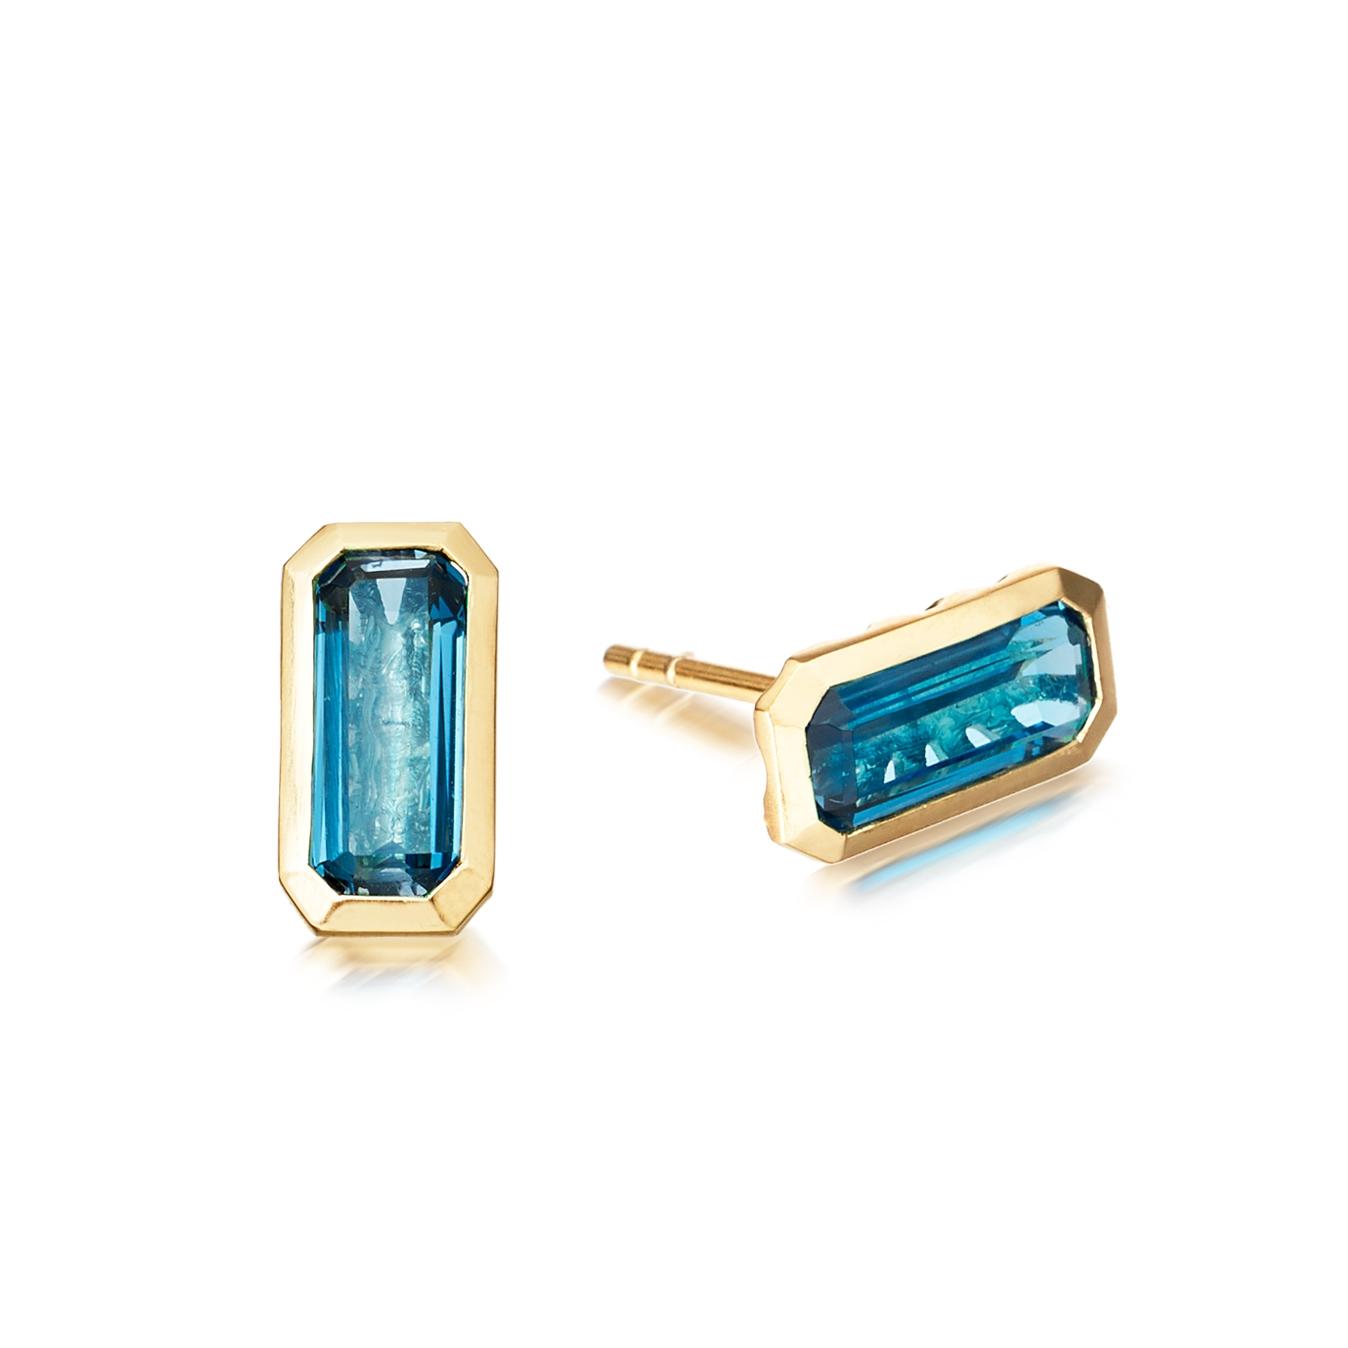 London Blue Topaz Prismic Stud Earrings